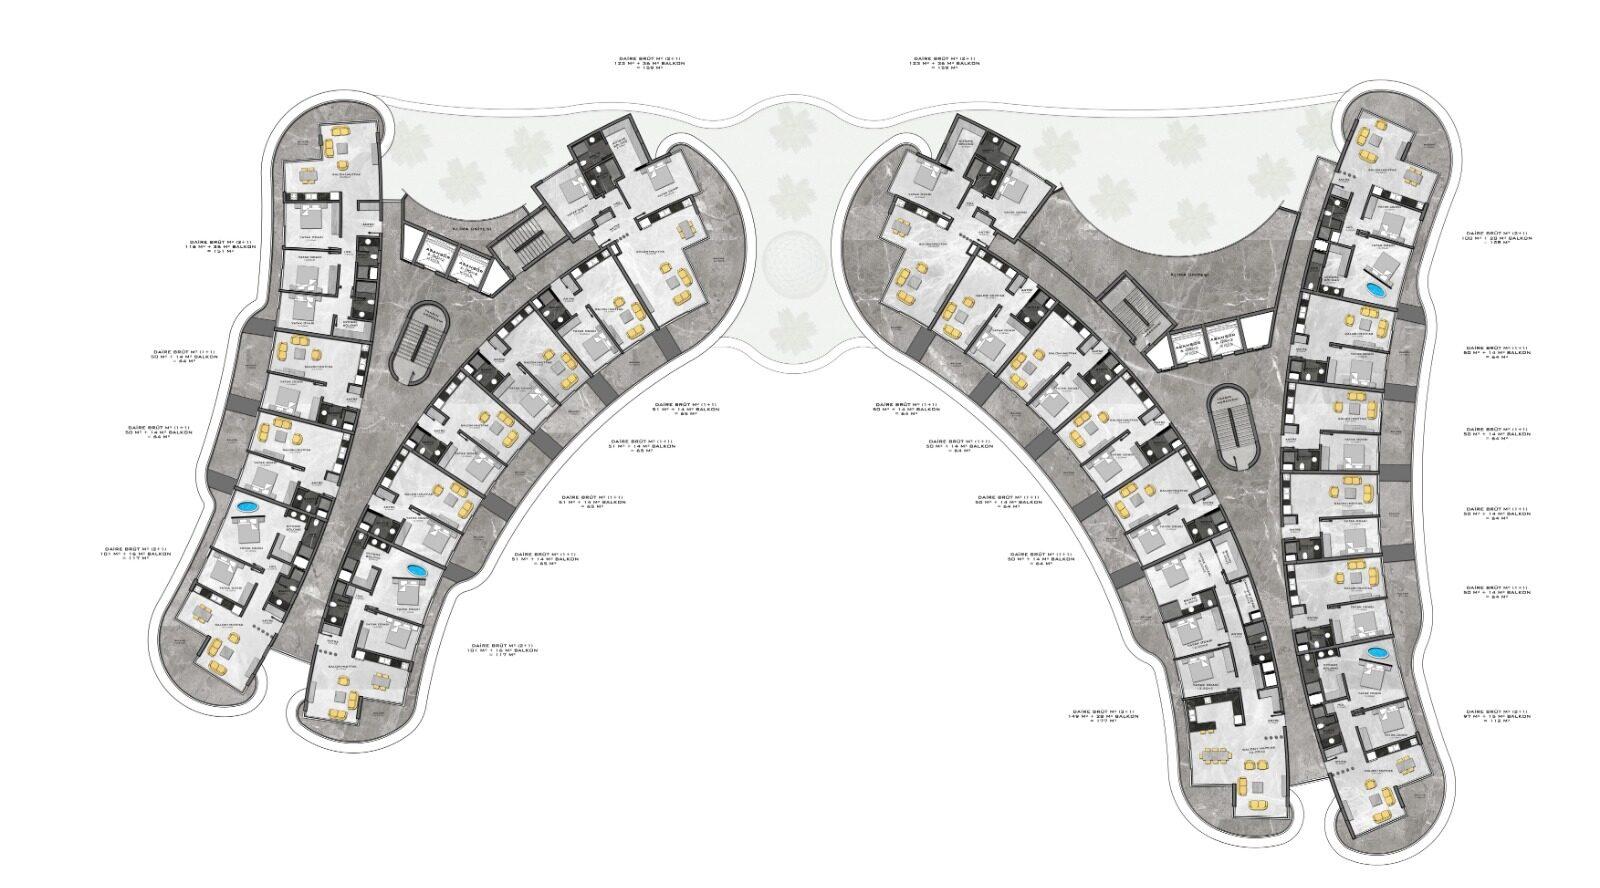 Plan of duplex 2nd floor